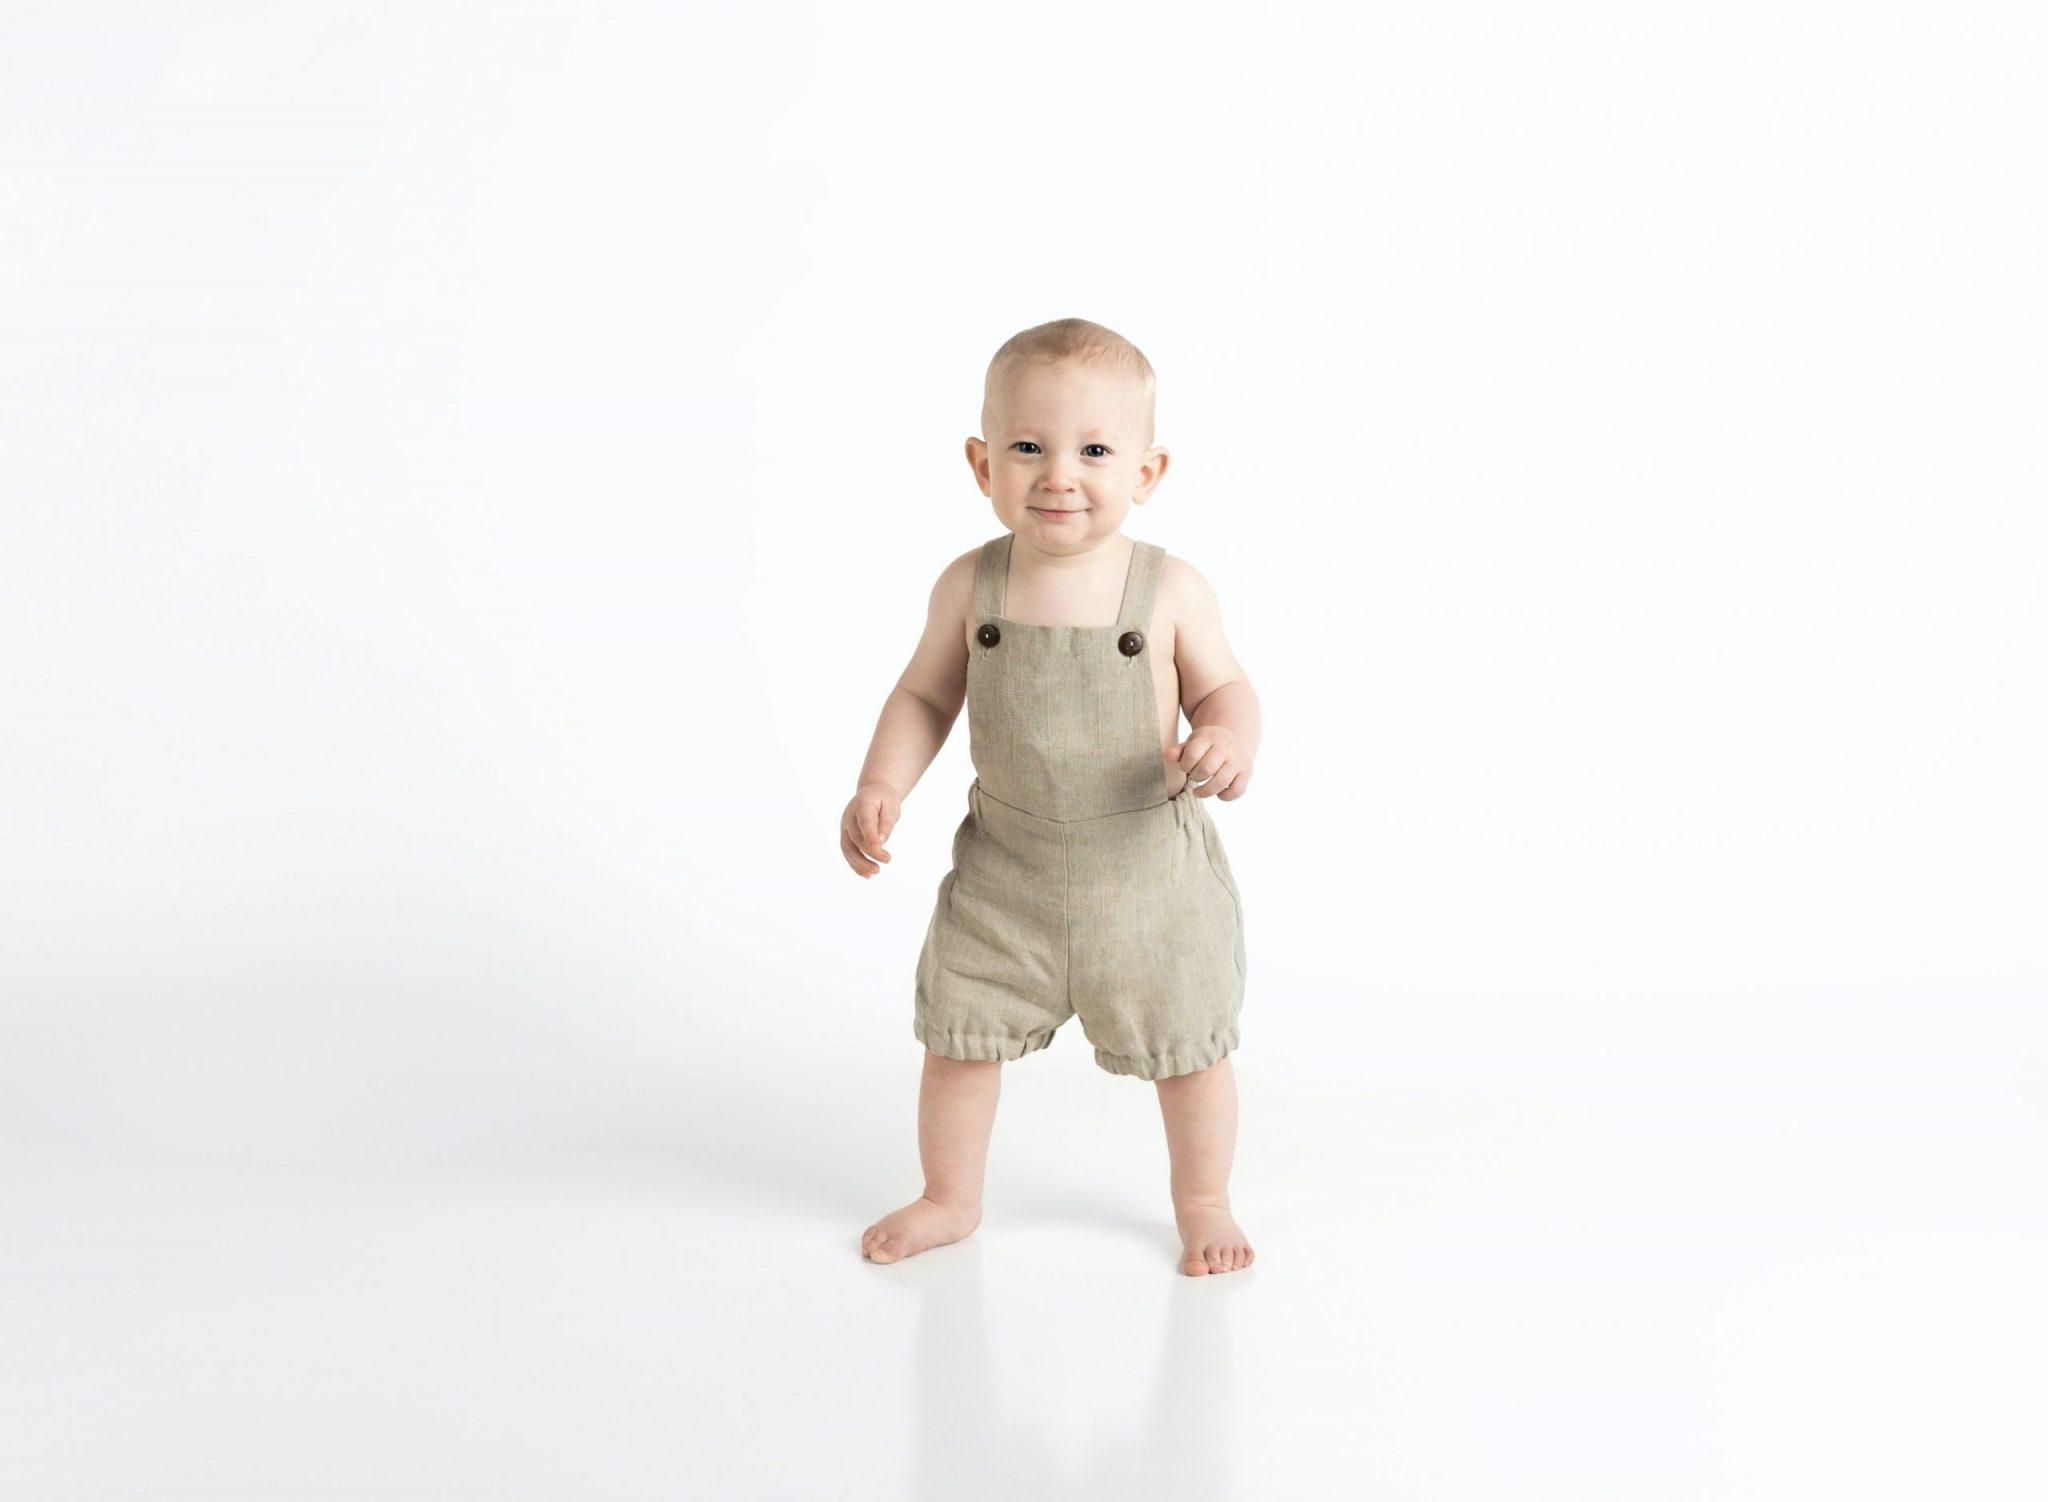 toddler taking steps